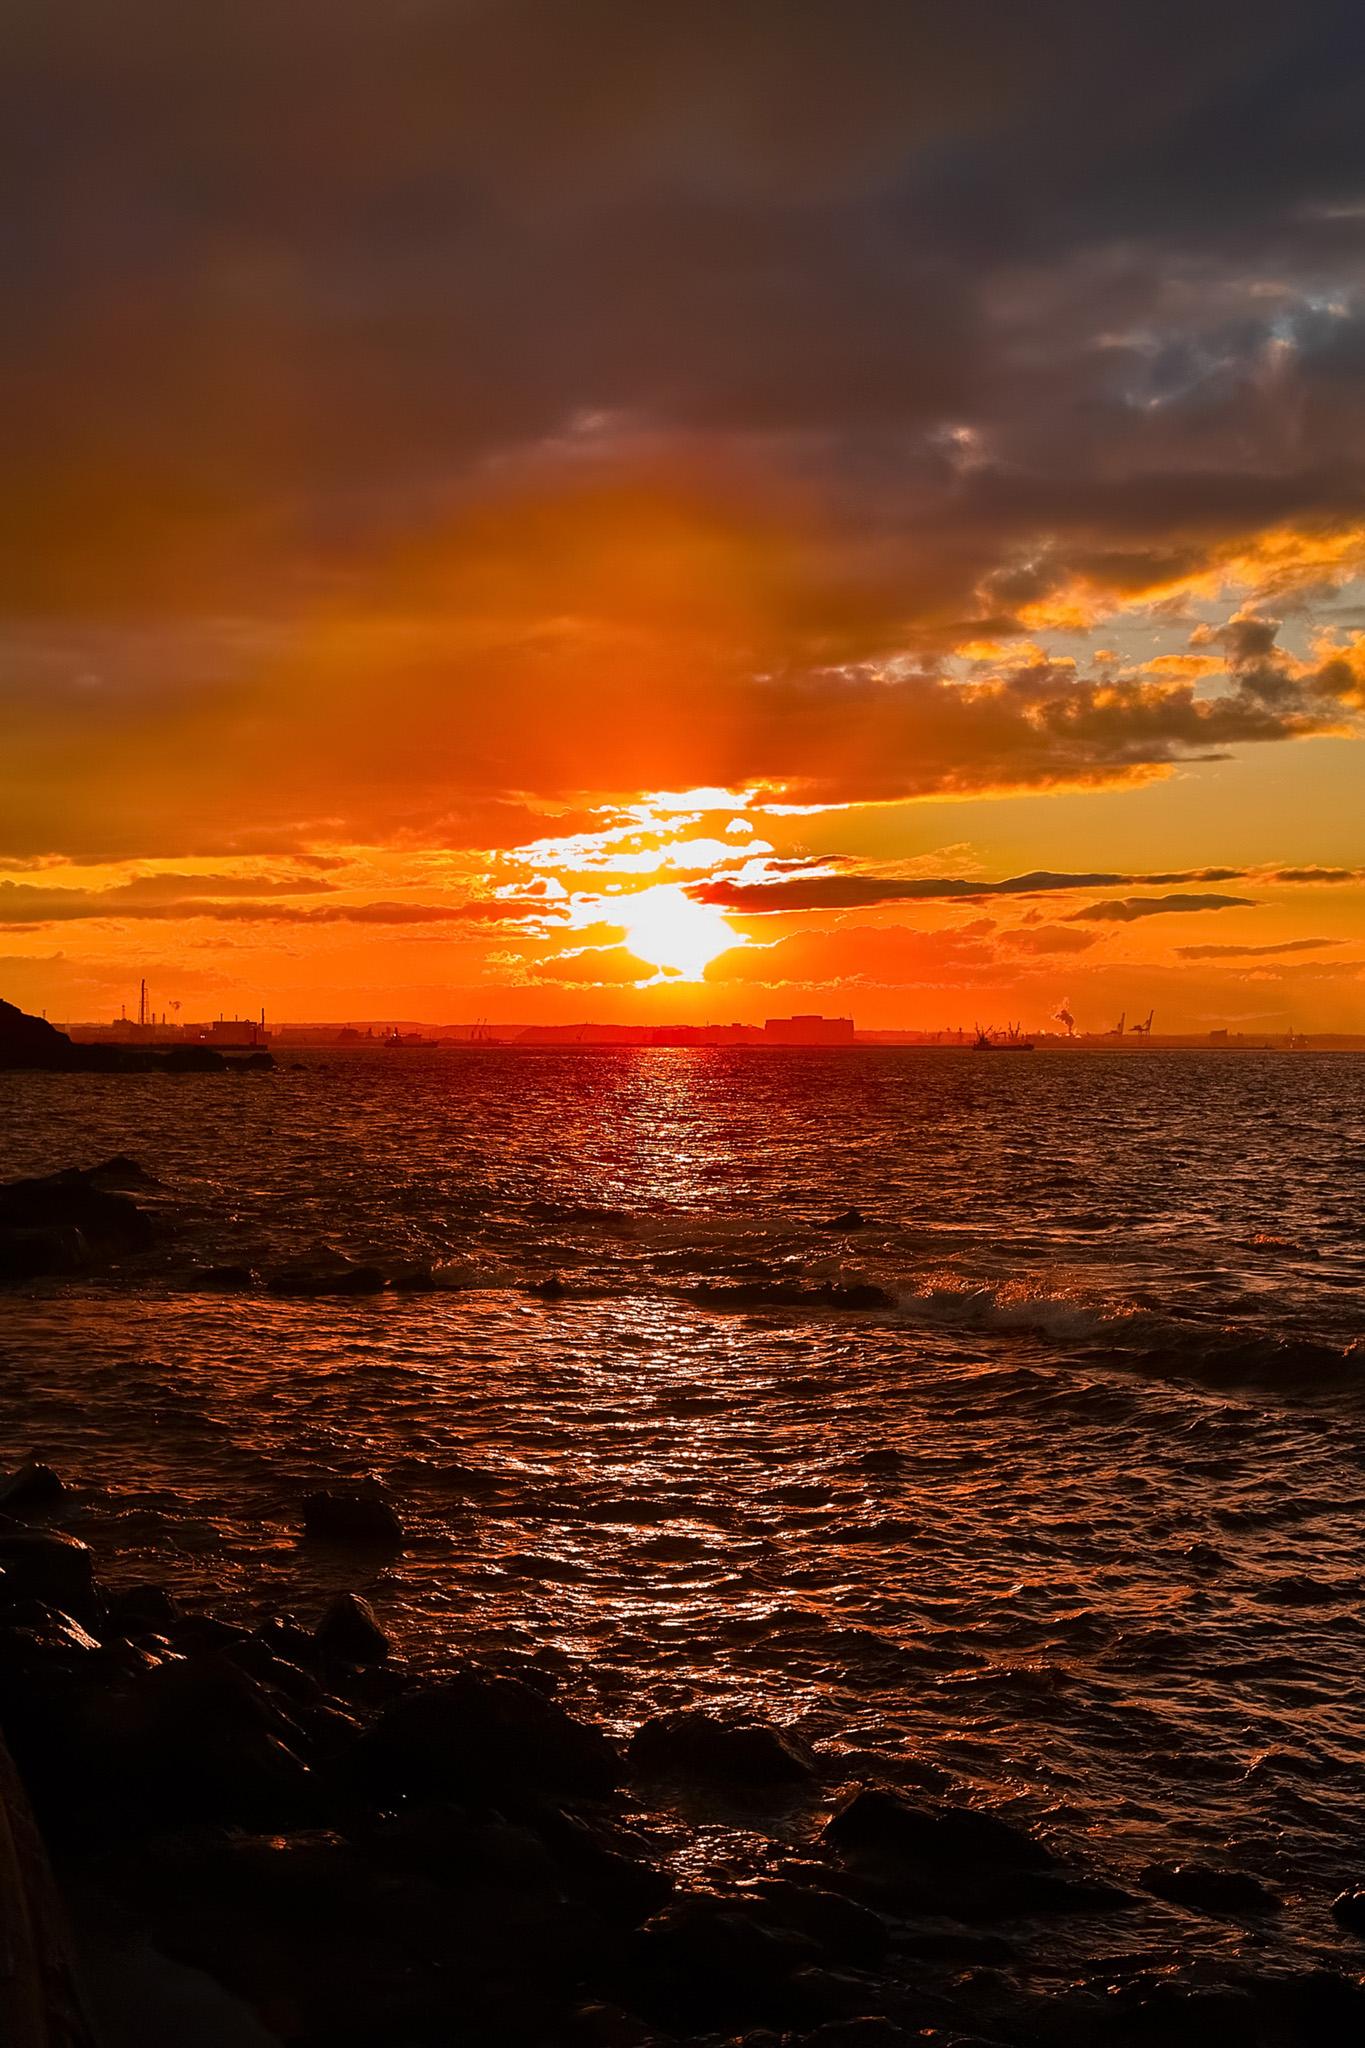 「夕日が沈む臨海の町」